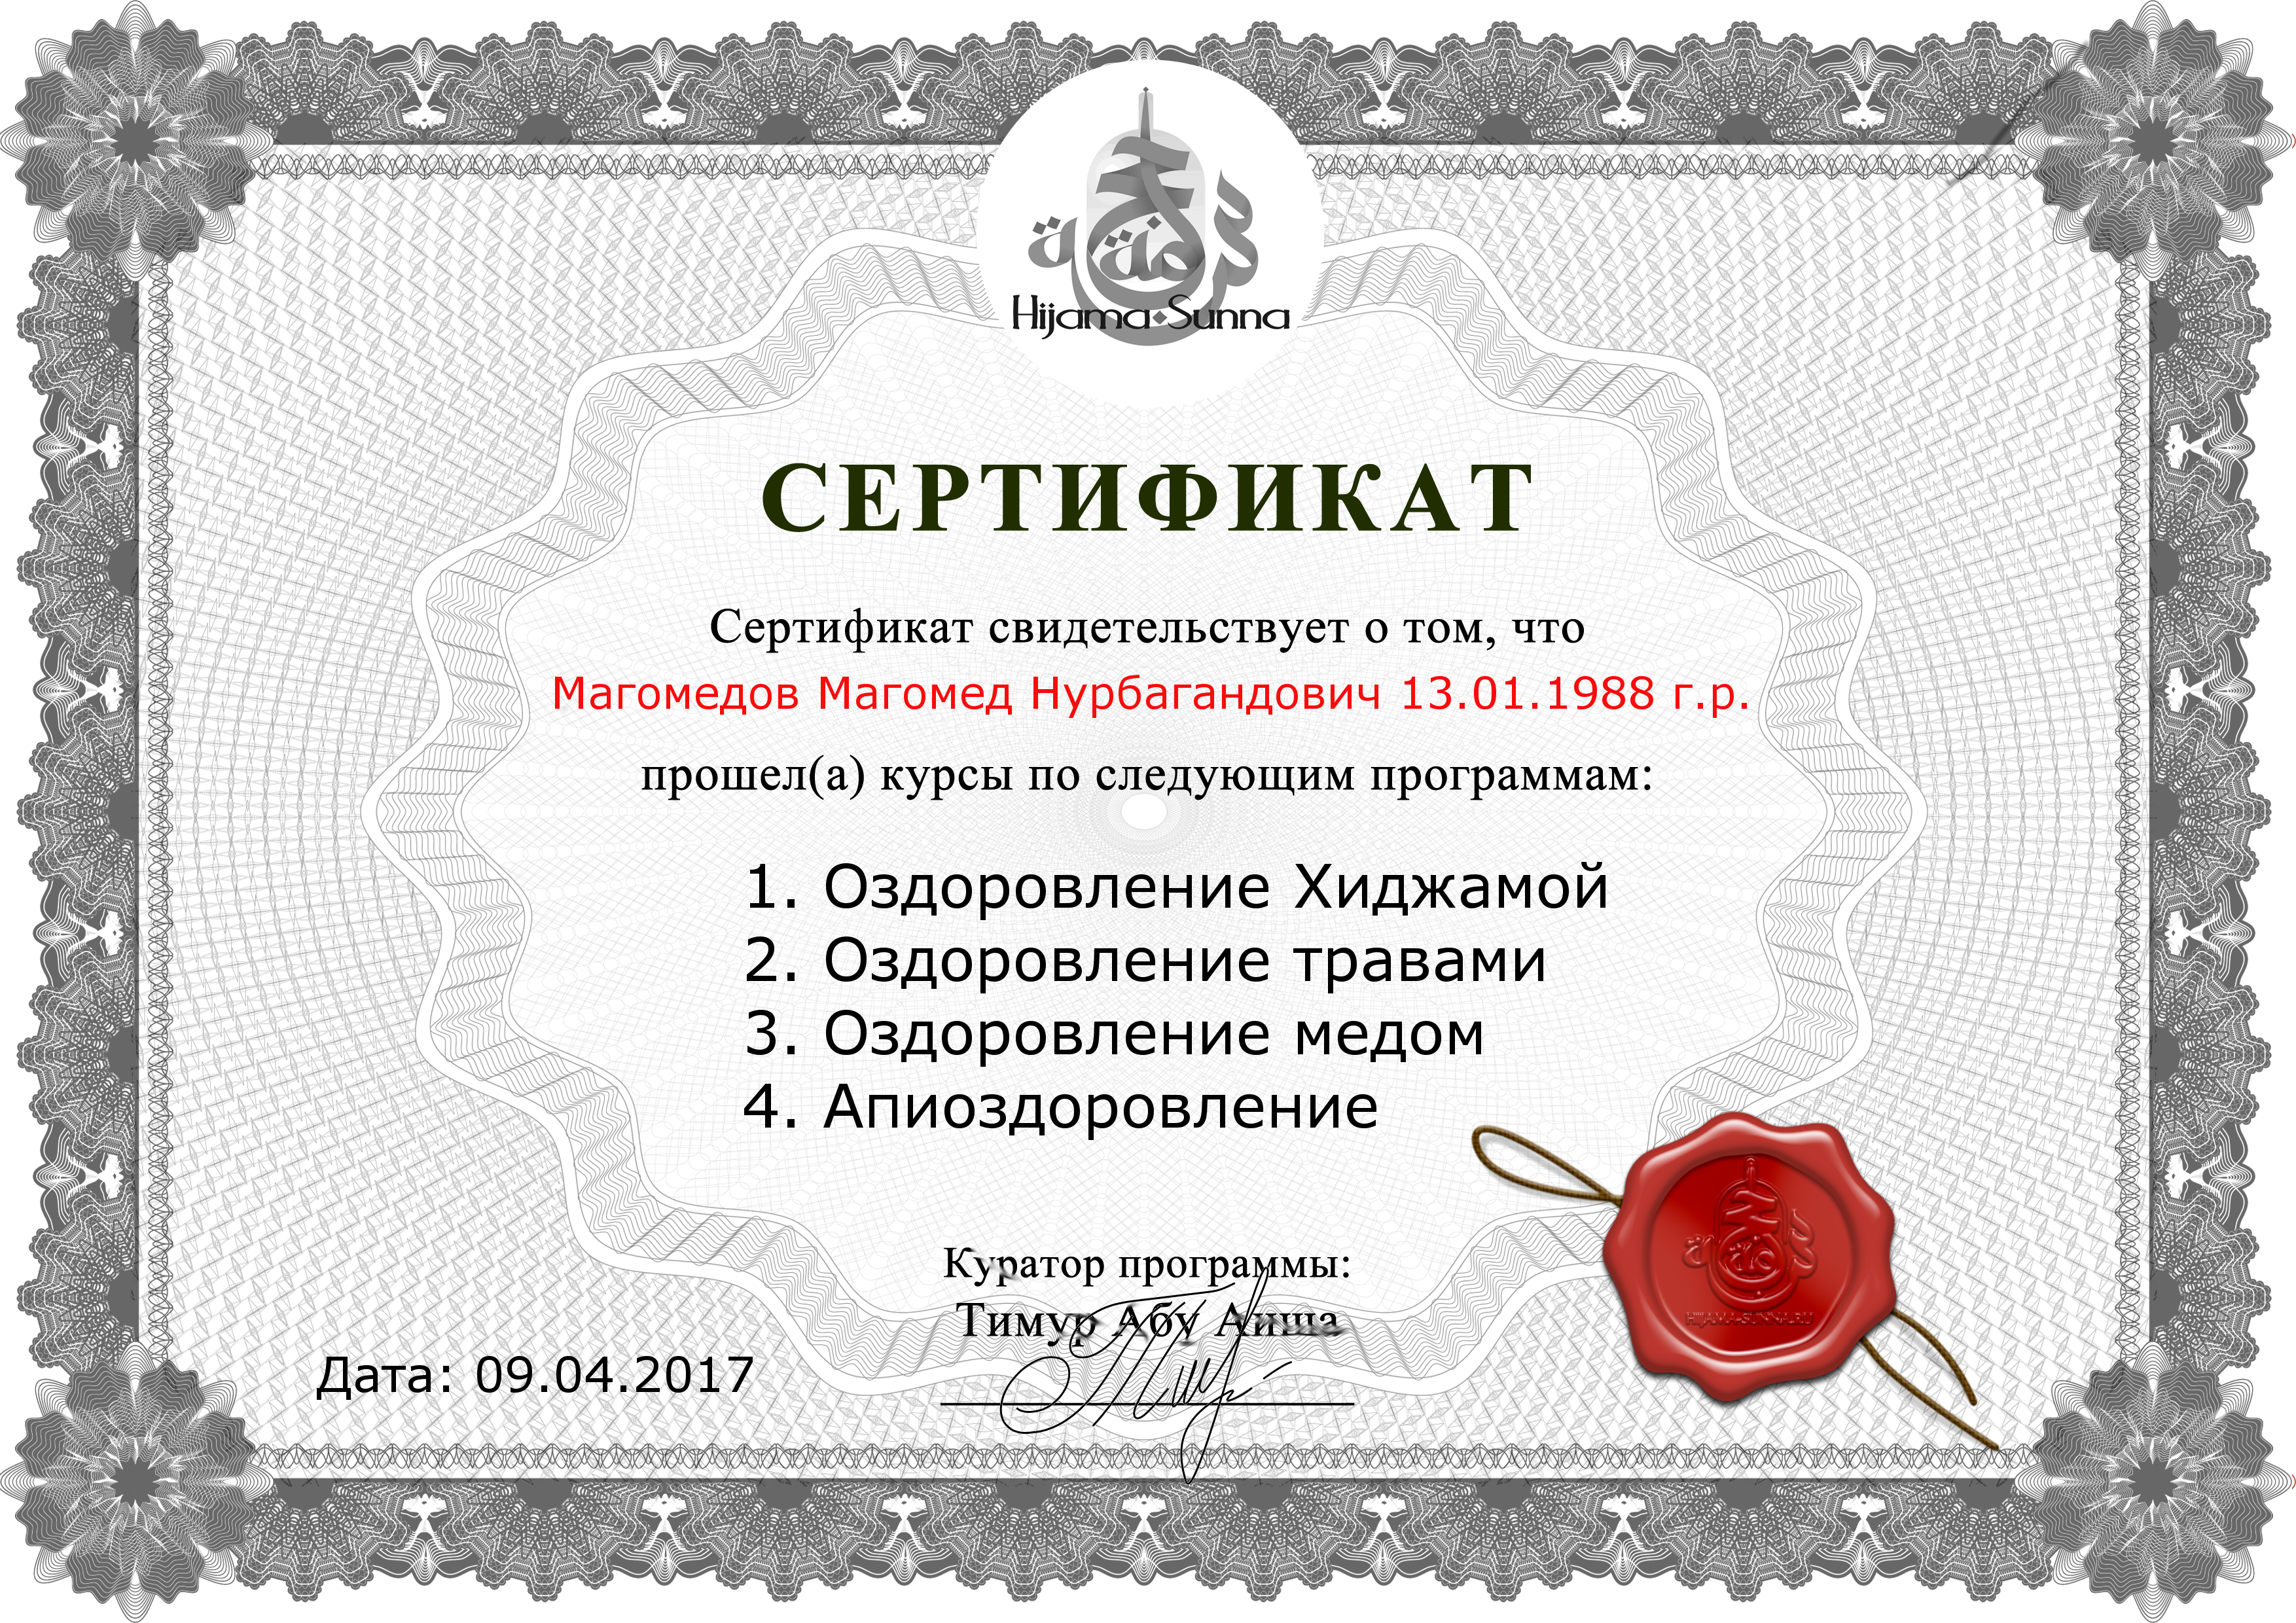 Сертификат Хиджамы Магомед Избербаш